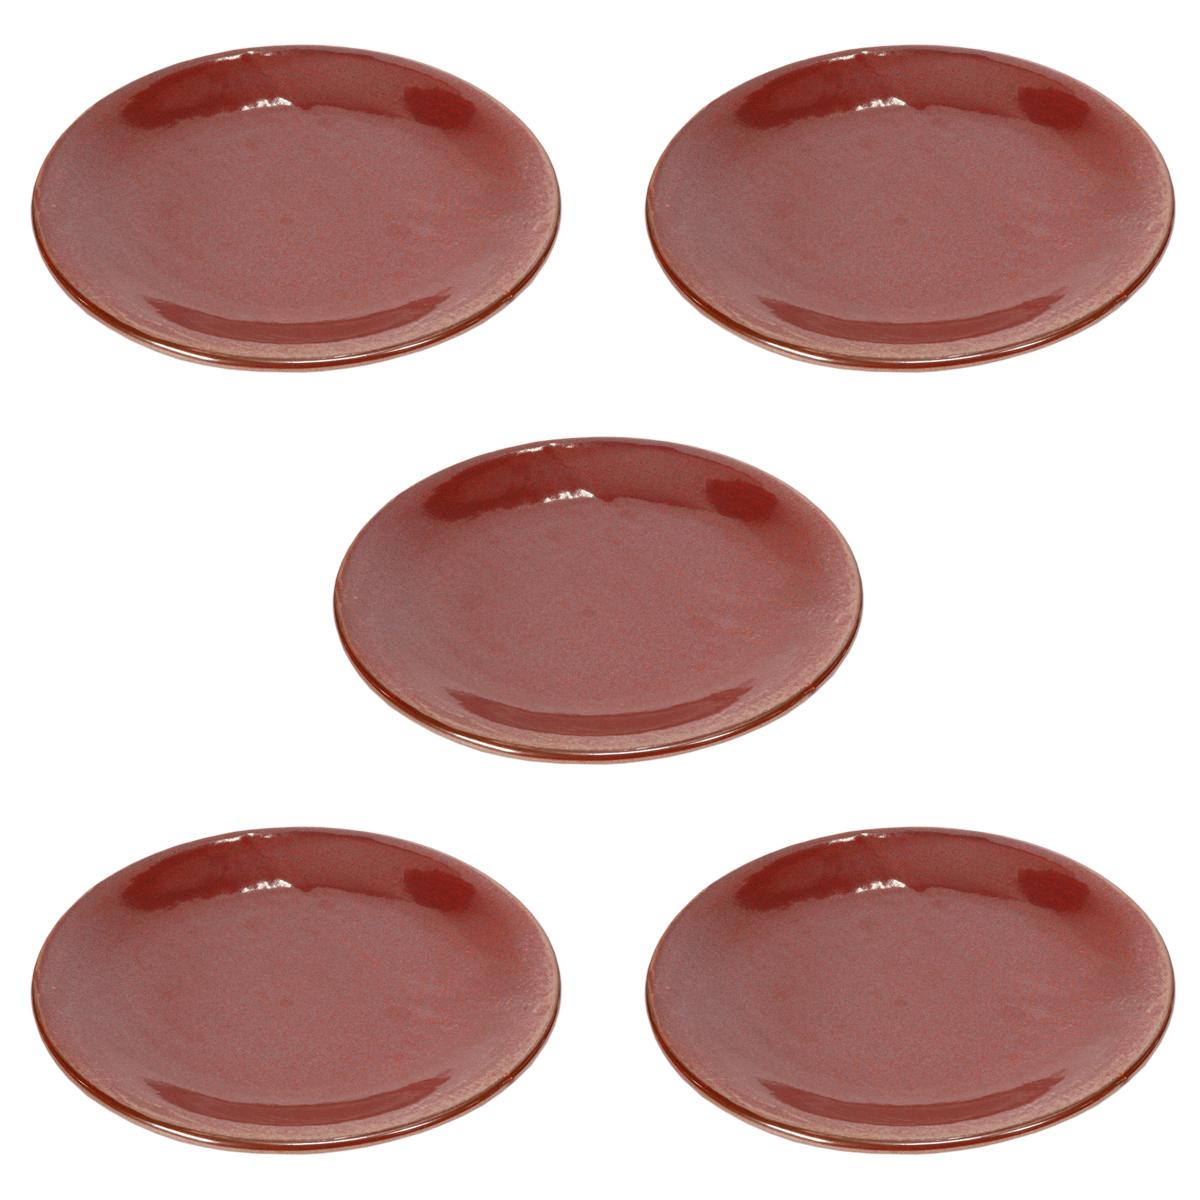 5個セット☆ 丸皿 ☆ 紅結晶8.0丸皿 [ 233 x 28mm ] 【料亭 旅館 和食器 飲食店 業務用 】